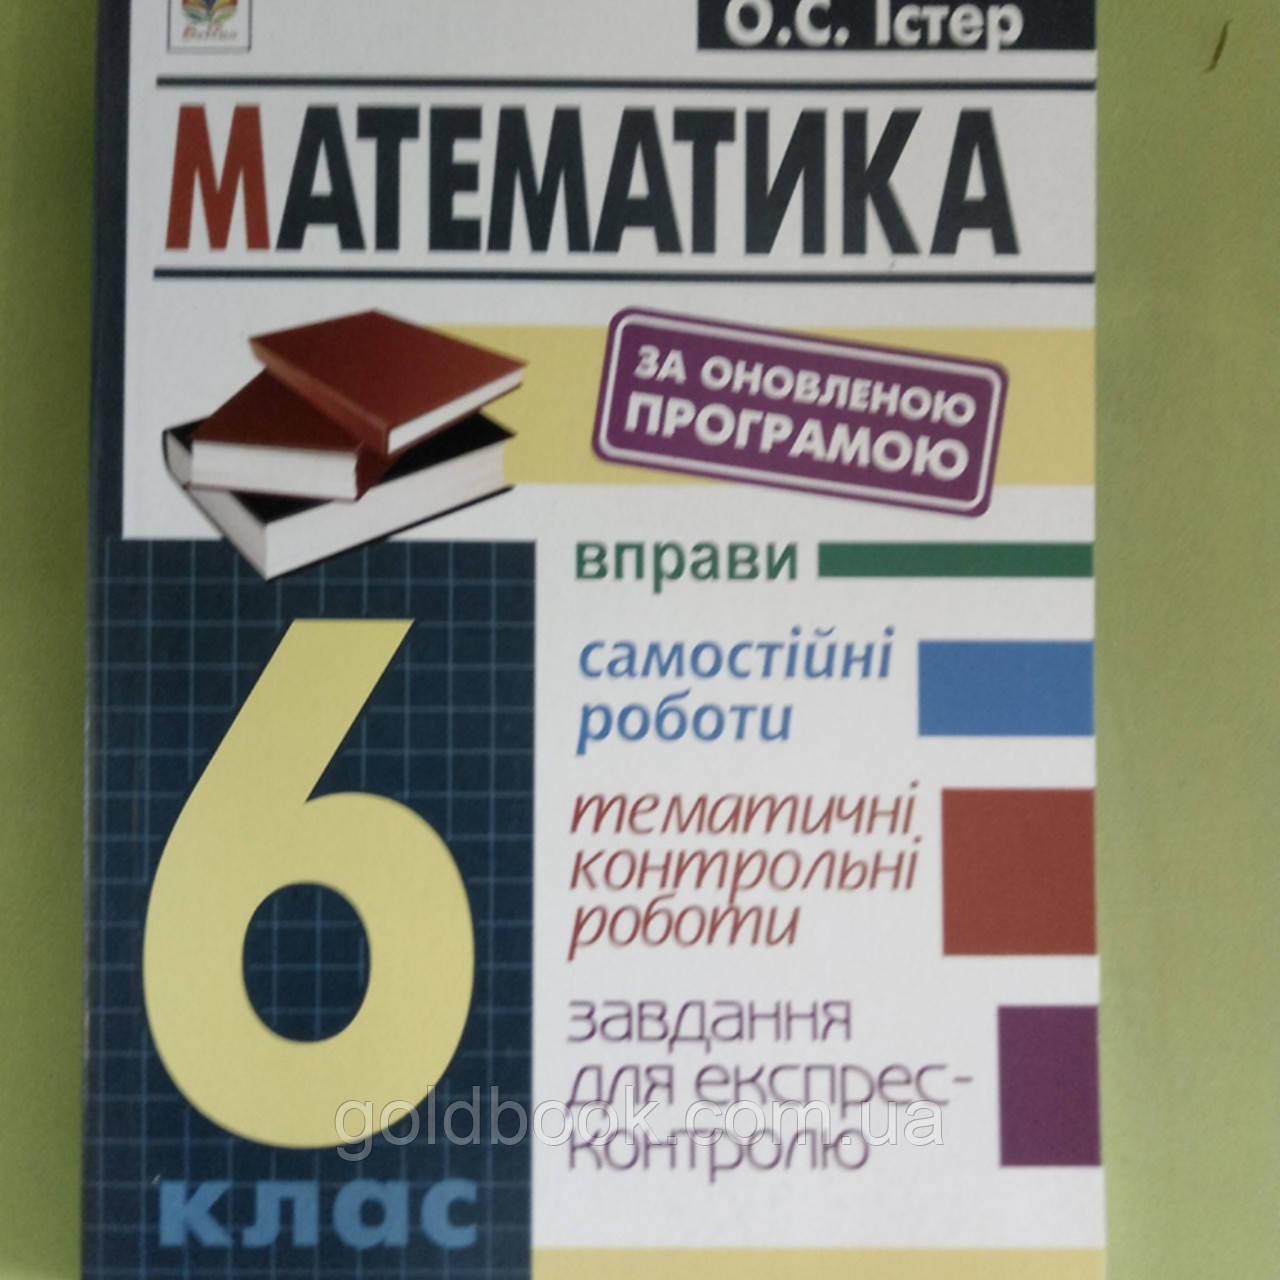 Математика 6 клас самостійні роботи, тематичні контрольні роботи, завдання для експрес-контролю.